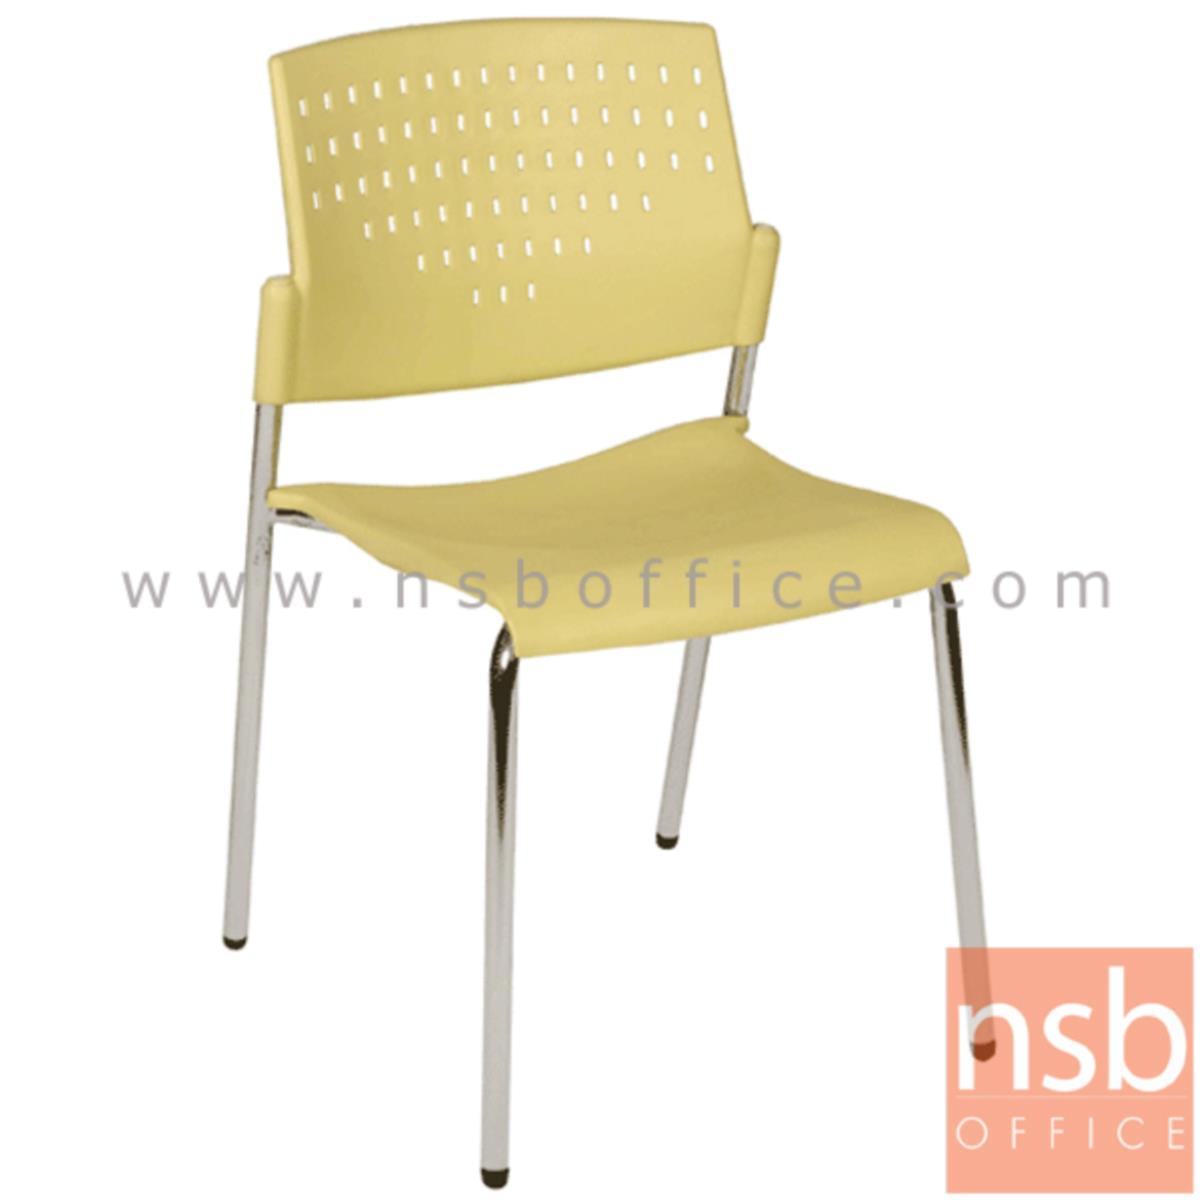 เก้าอี้อเนกประสงค์เฟรมโพลี่ รุ่น A1-216  ขาเหล็กชุบโครเมี่ยม